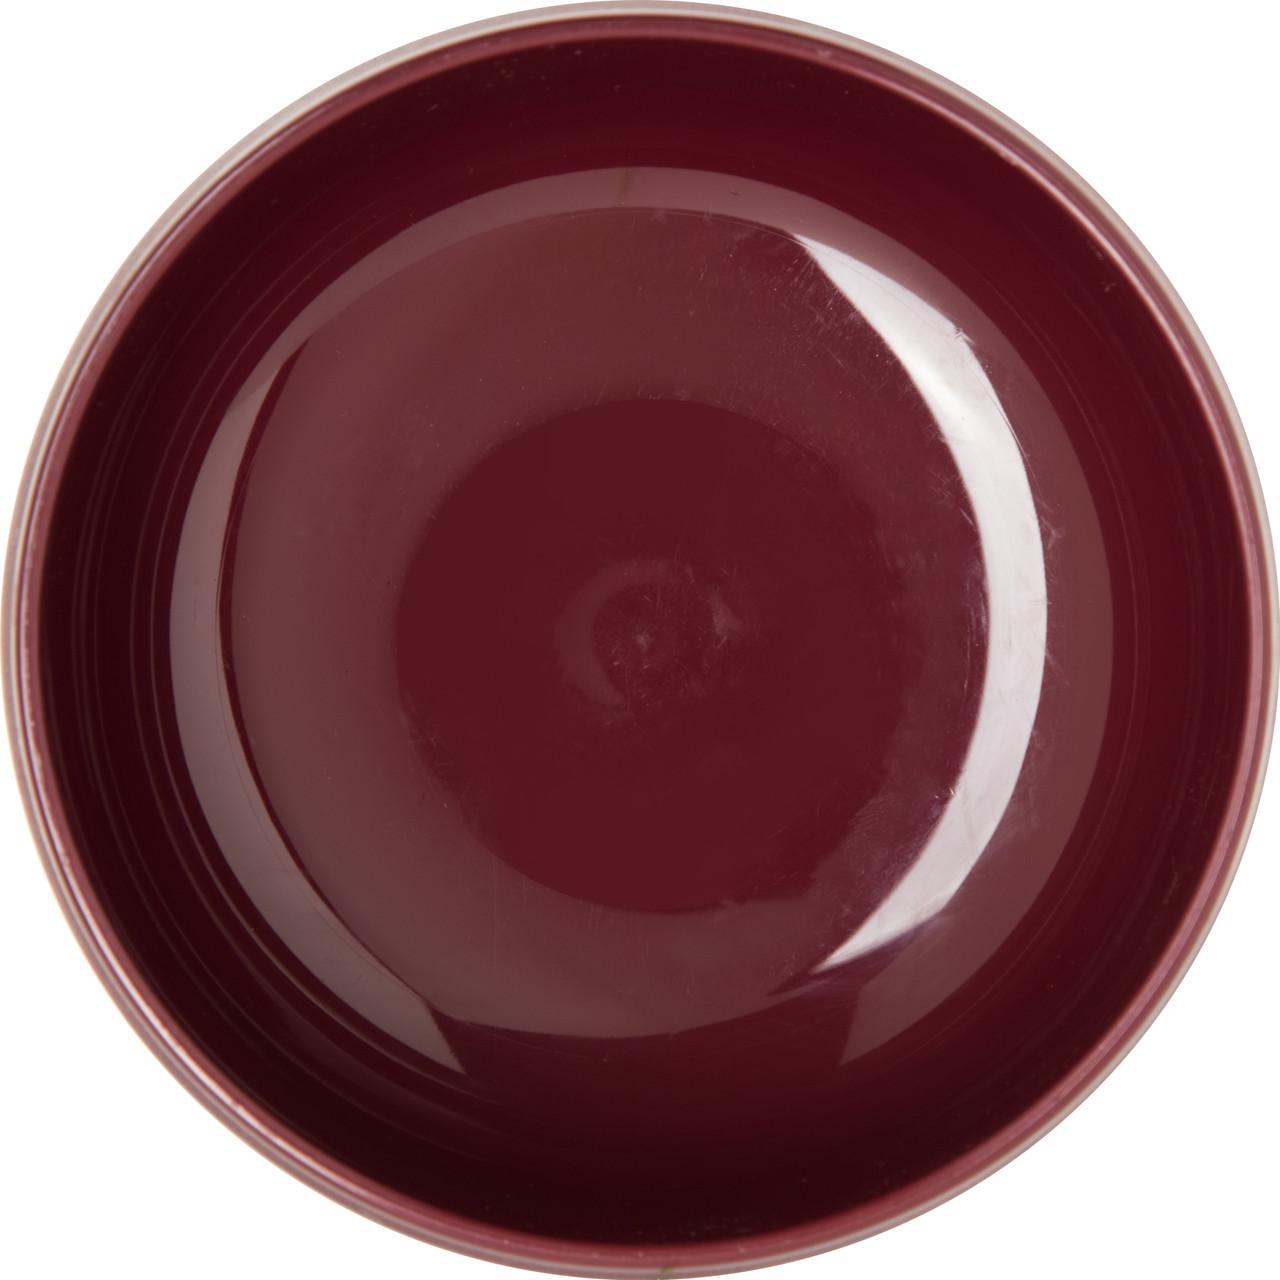 Stackable Bowl, 12 oz., Classic, cranberry (48 each per case) (1186/20HT)